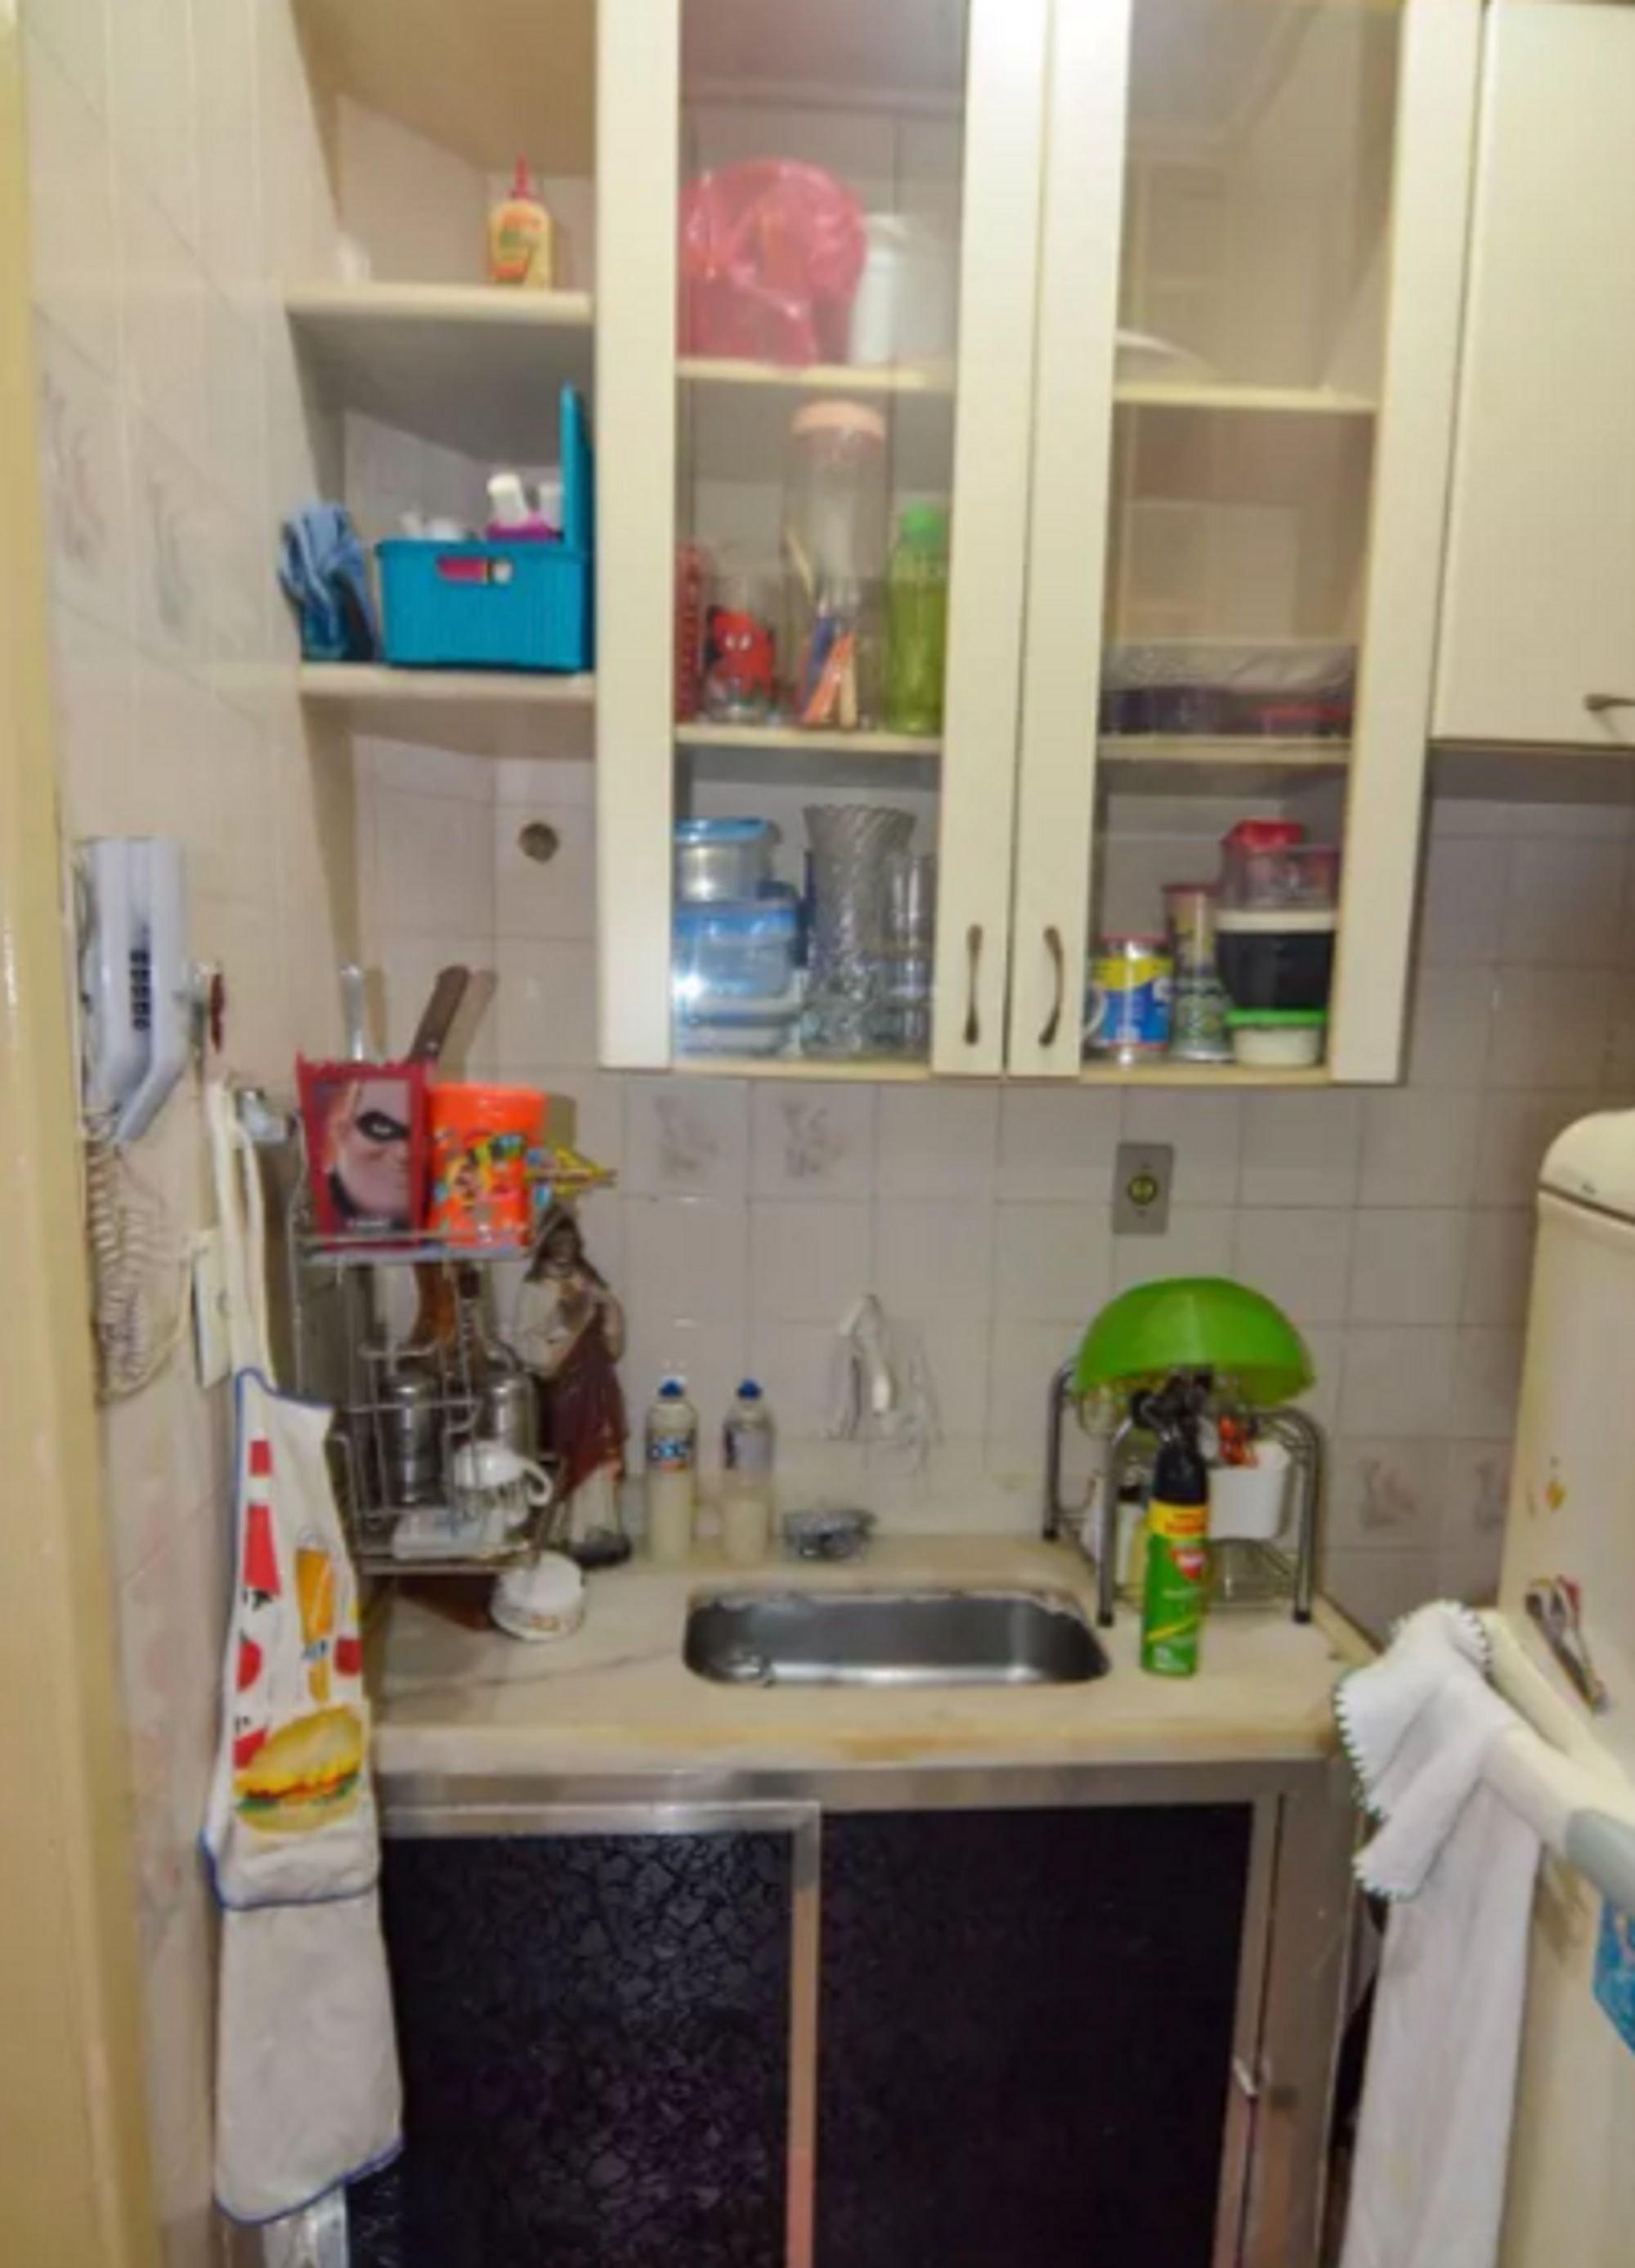 Foto de Cozinha com garrafa, tigela, geladeira, pia